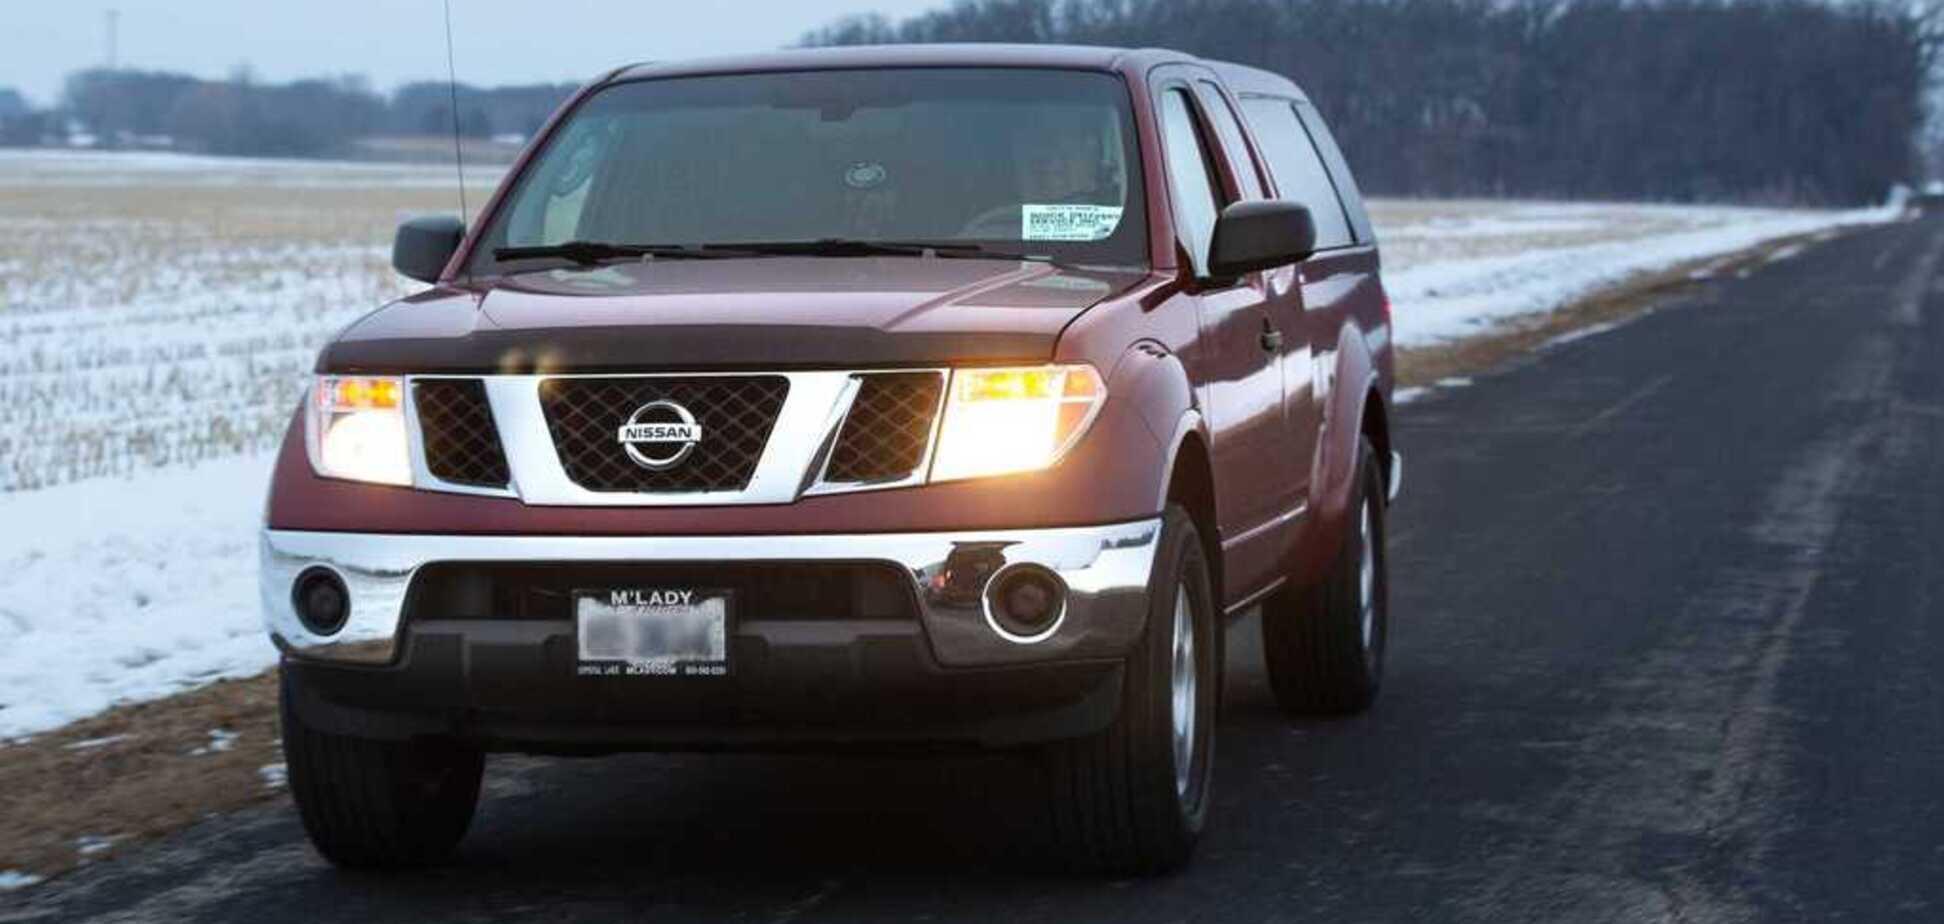 Японська якість: Nissan з пробігом 1,6 млн км здивував станом